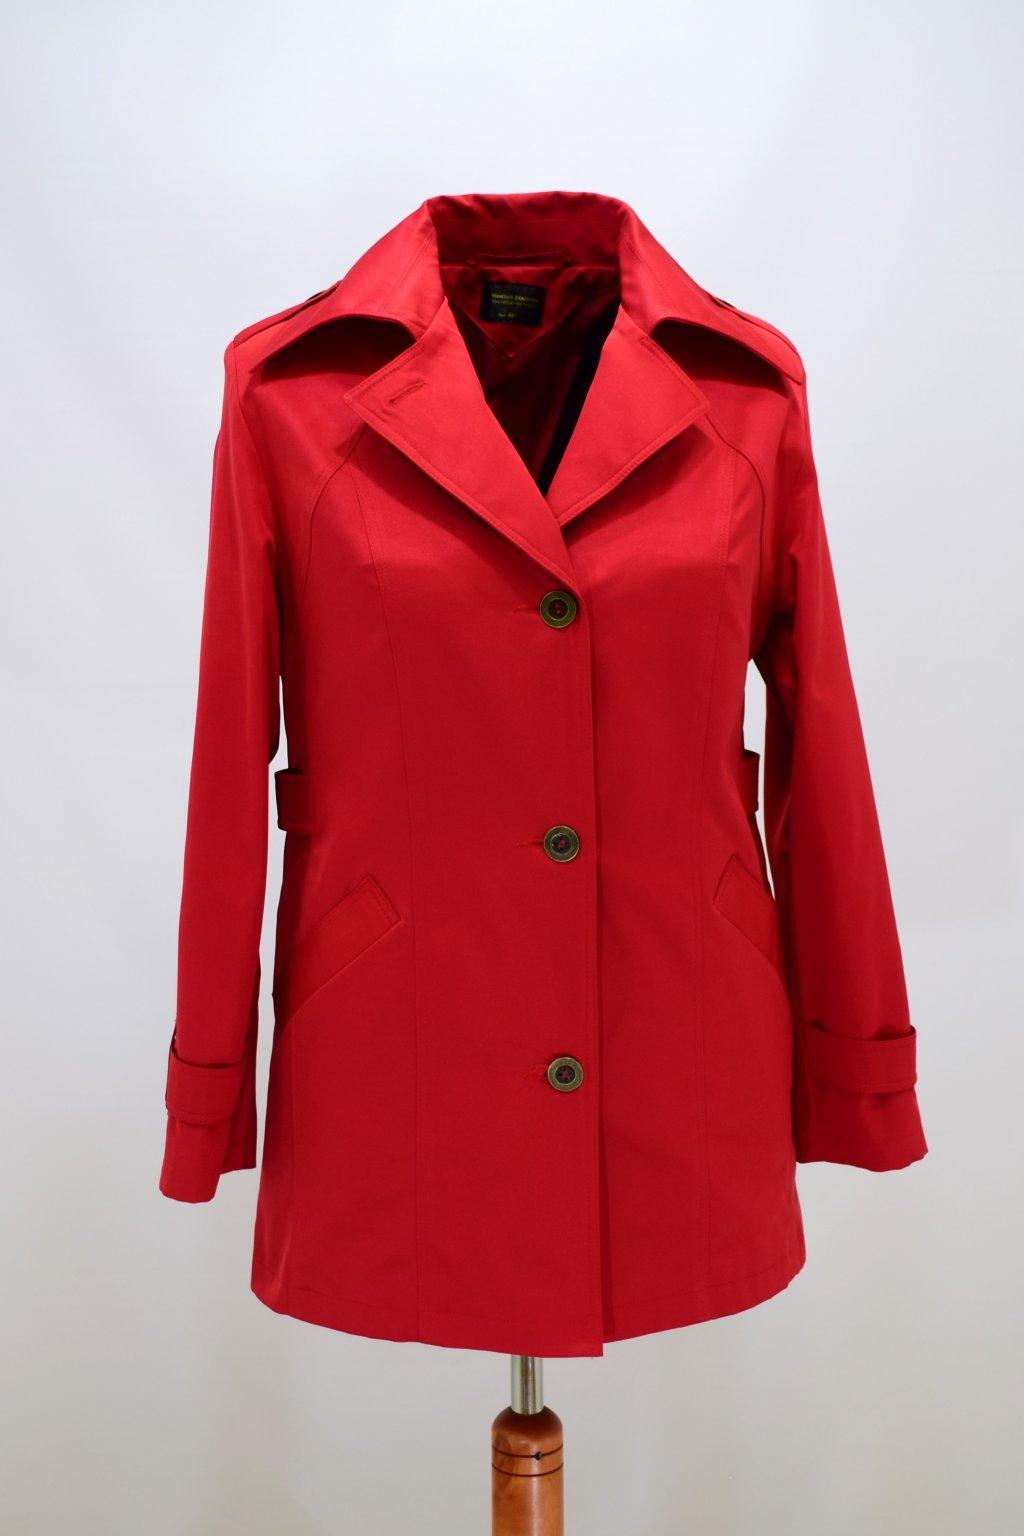 Dámský červený jarní kabátek Klára nadměrné velikosti.